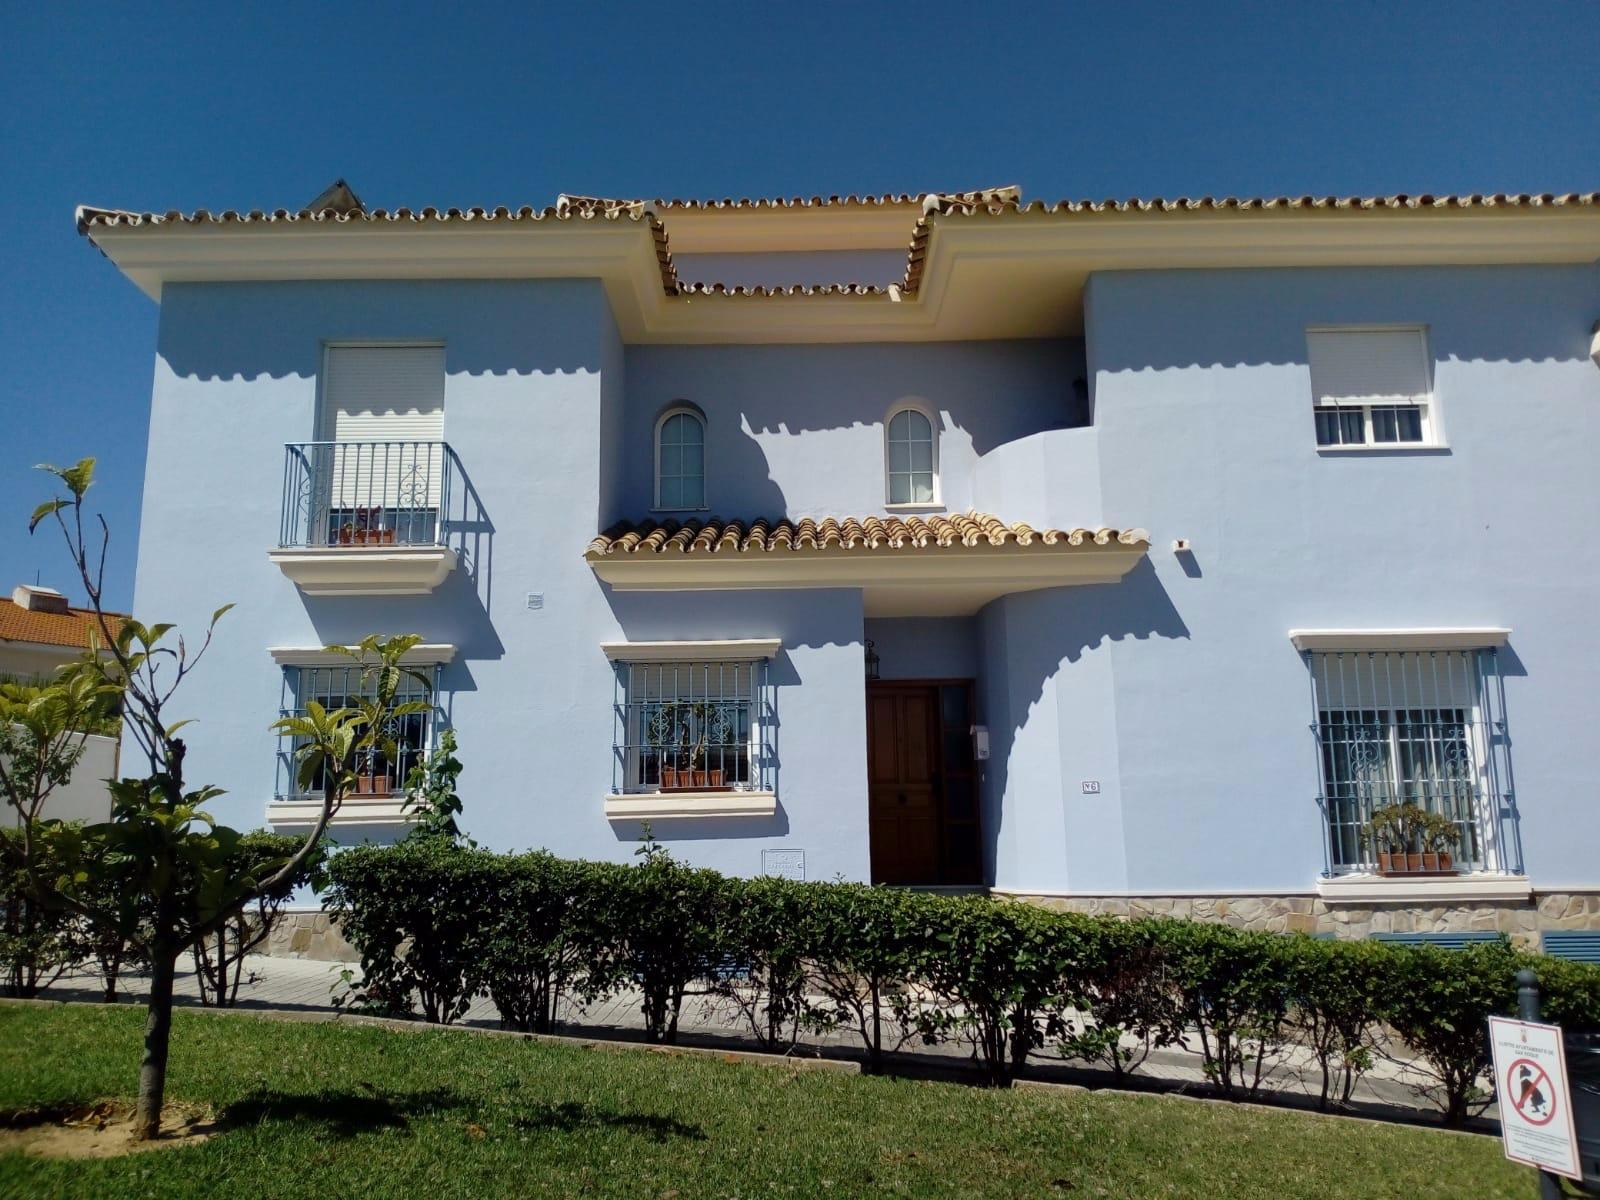 Casa adosada en San Roque, Pueblo Nuevo, venta